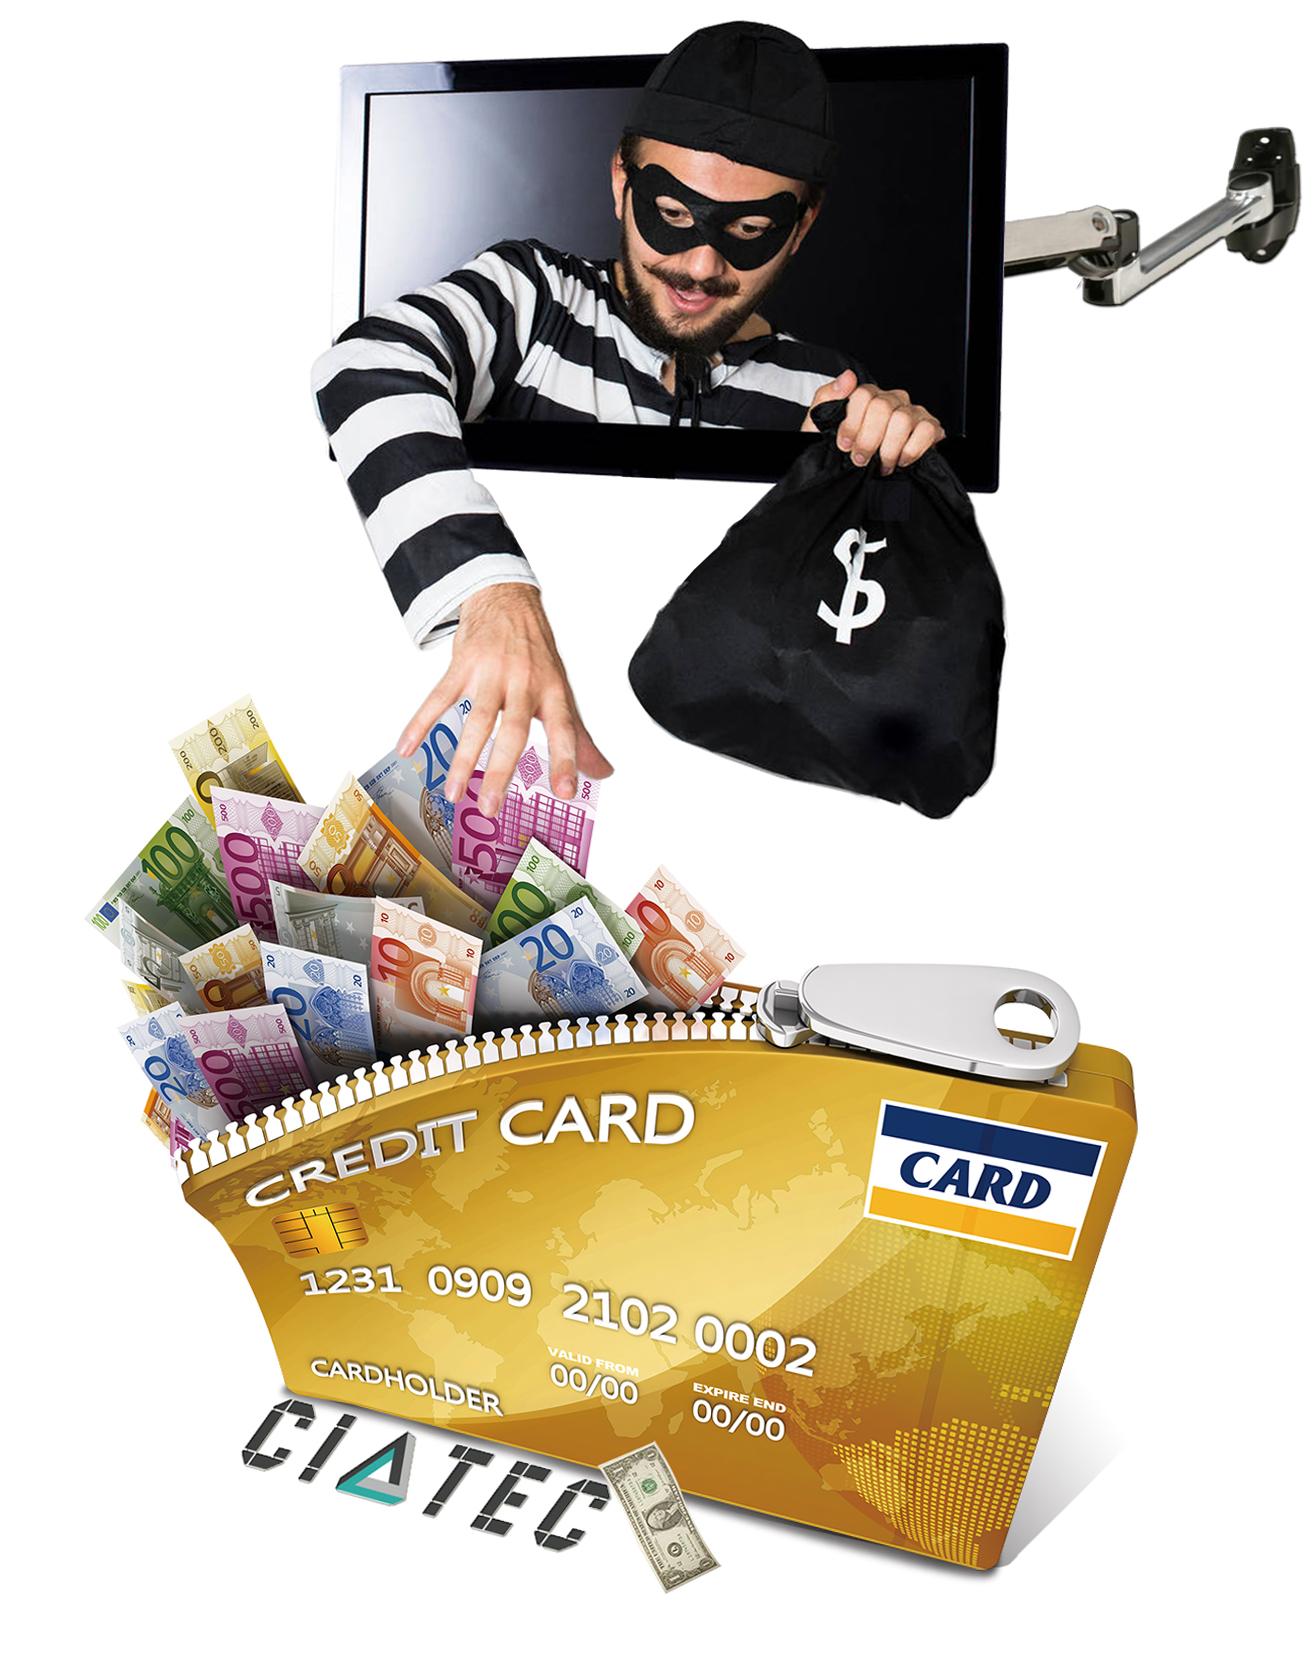 حماية اطاقات الائتمان